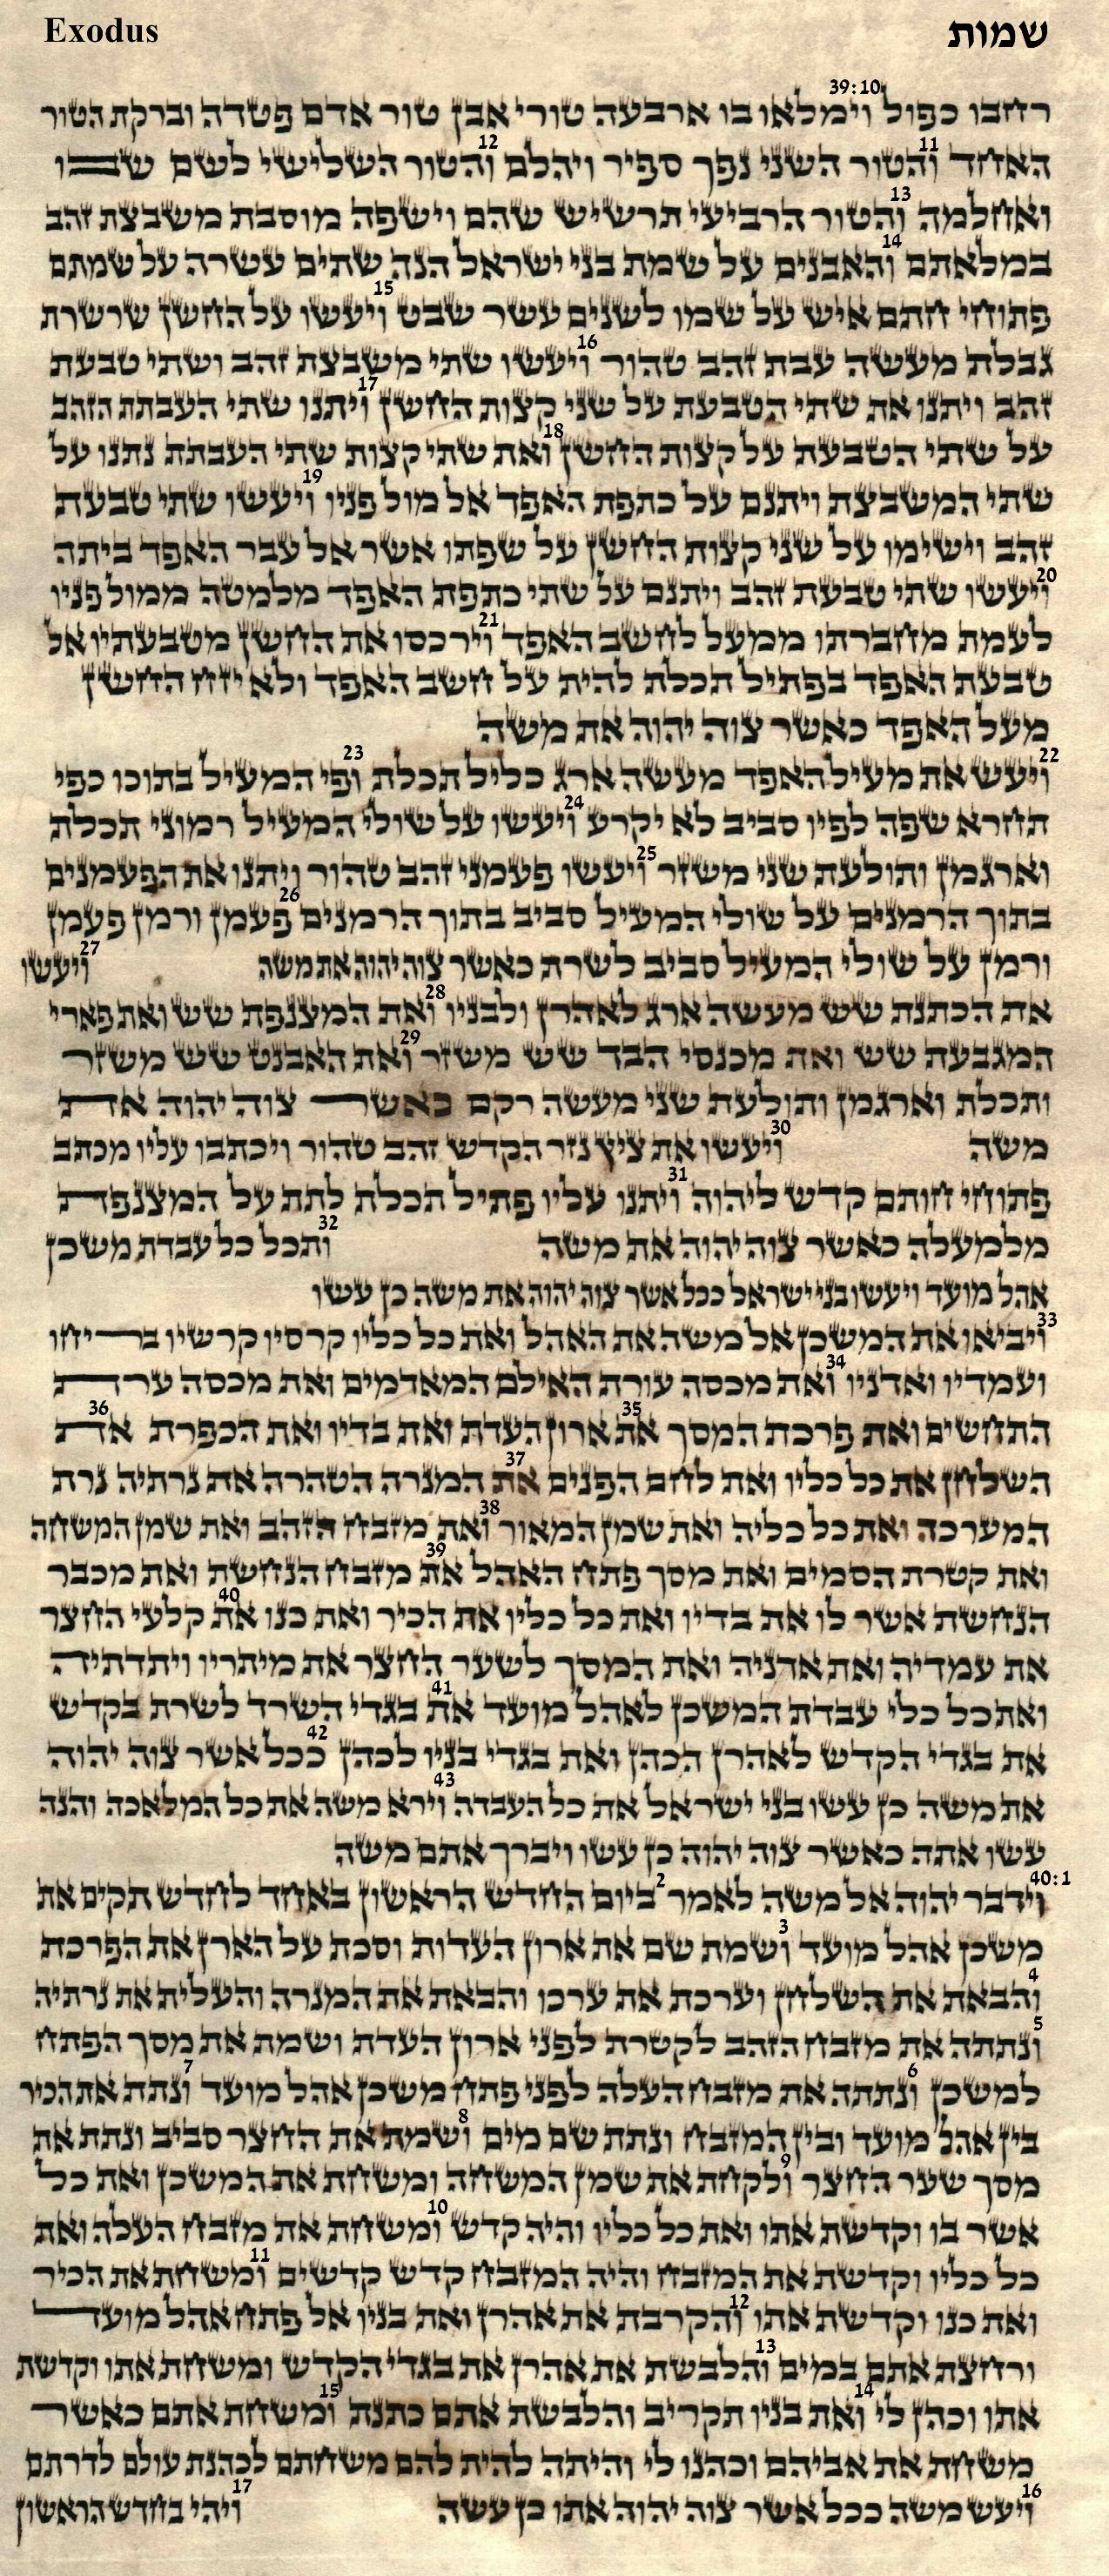 Exodus 39.10 - 40.17